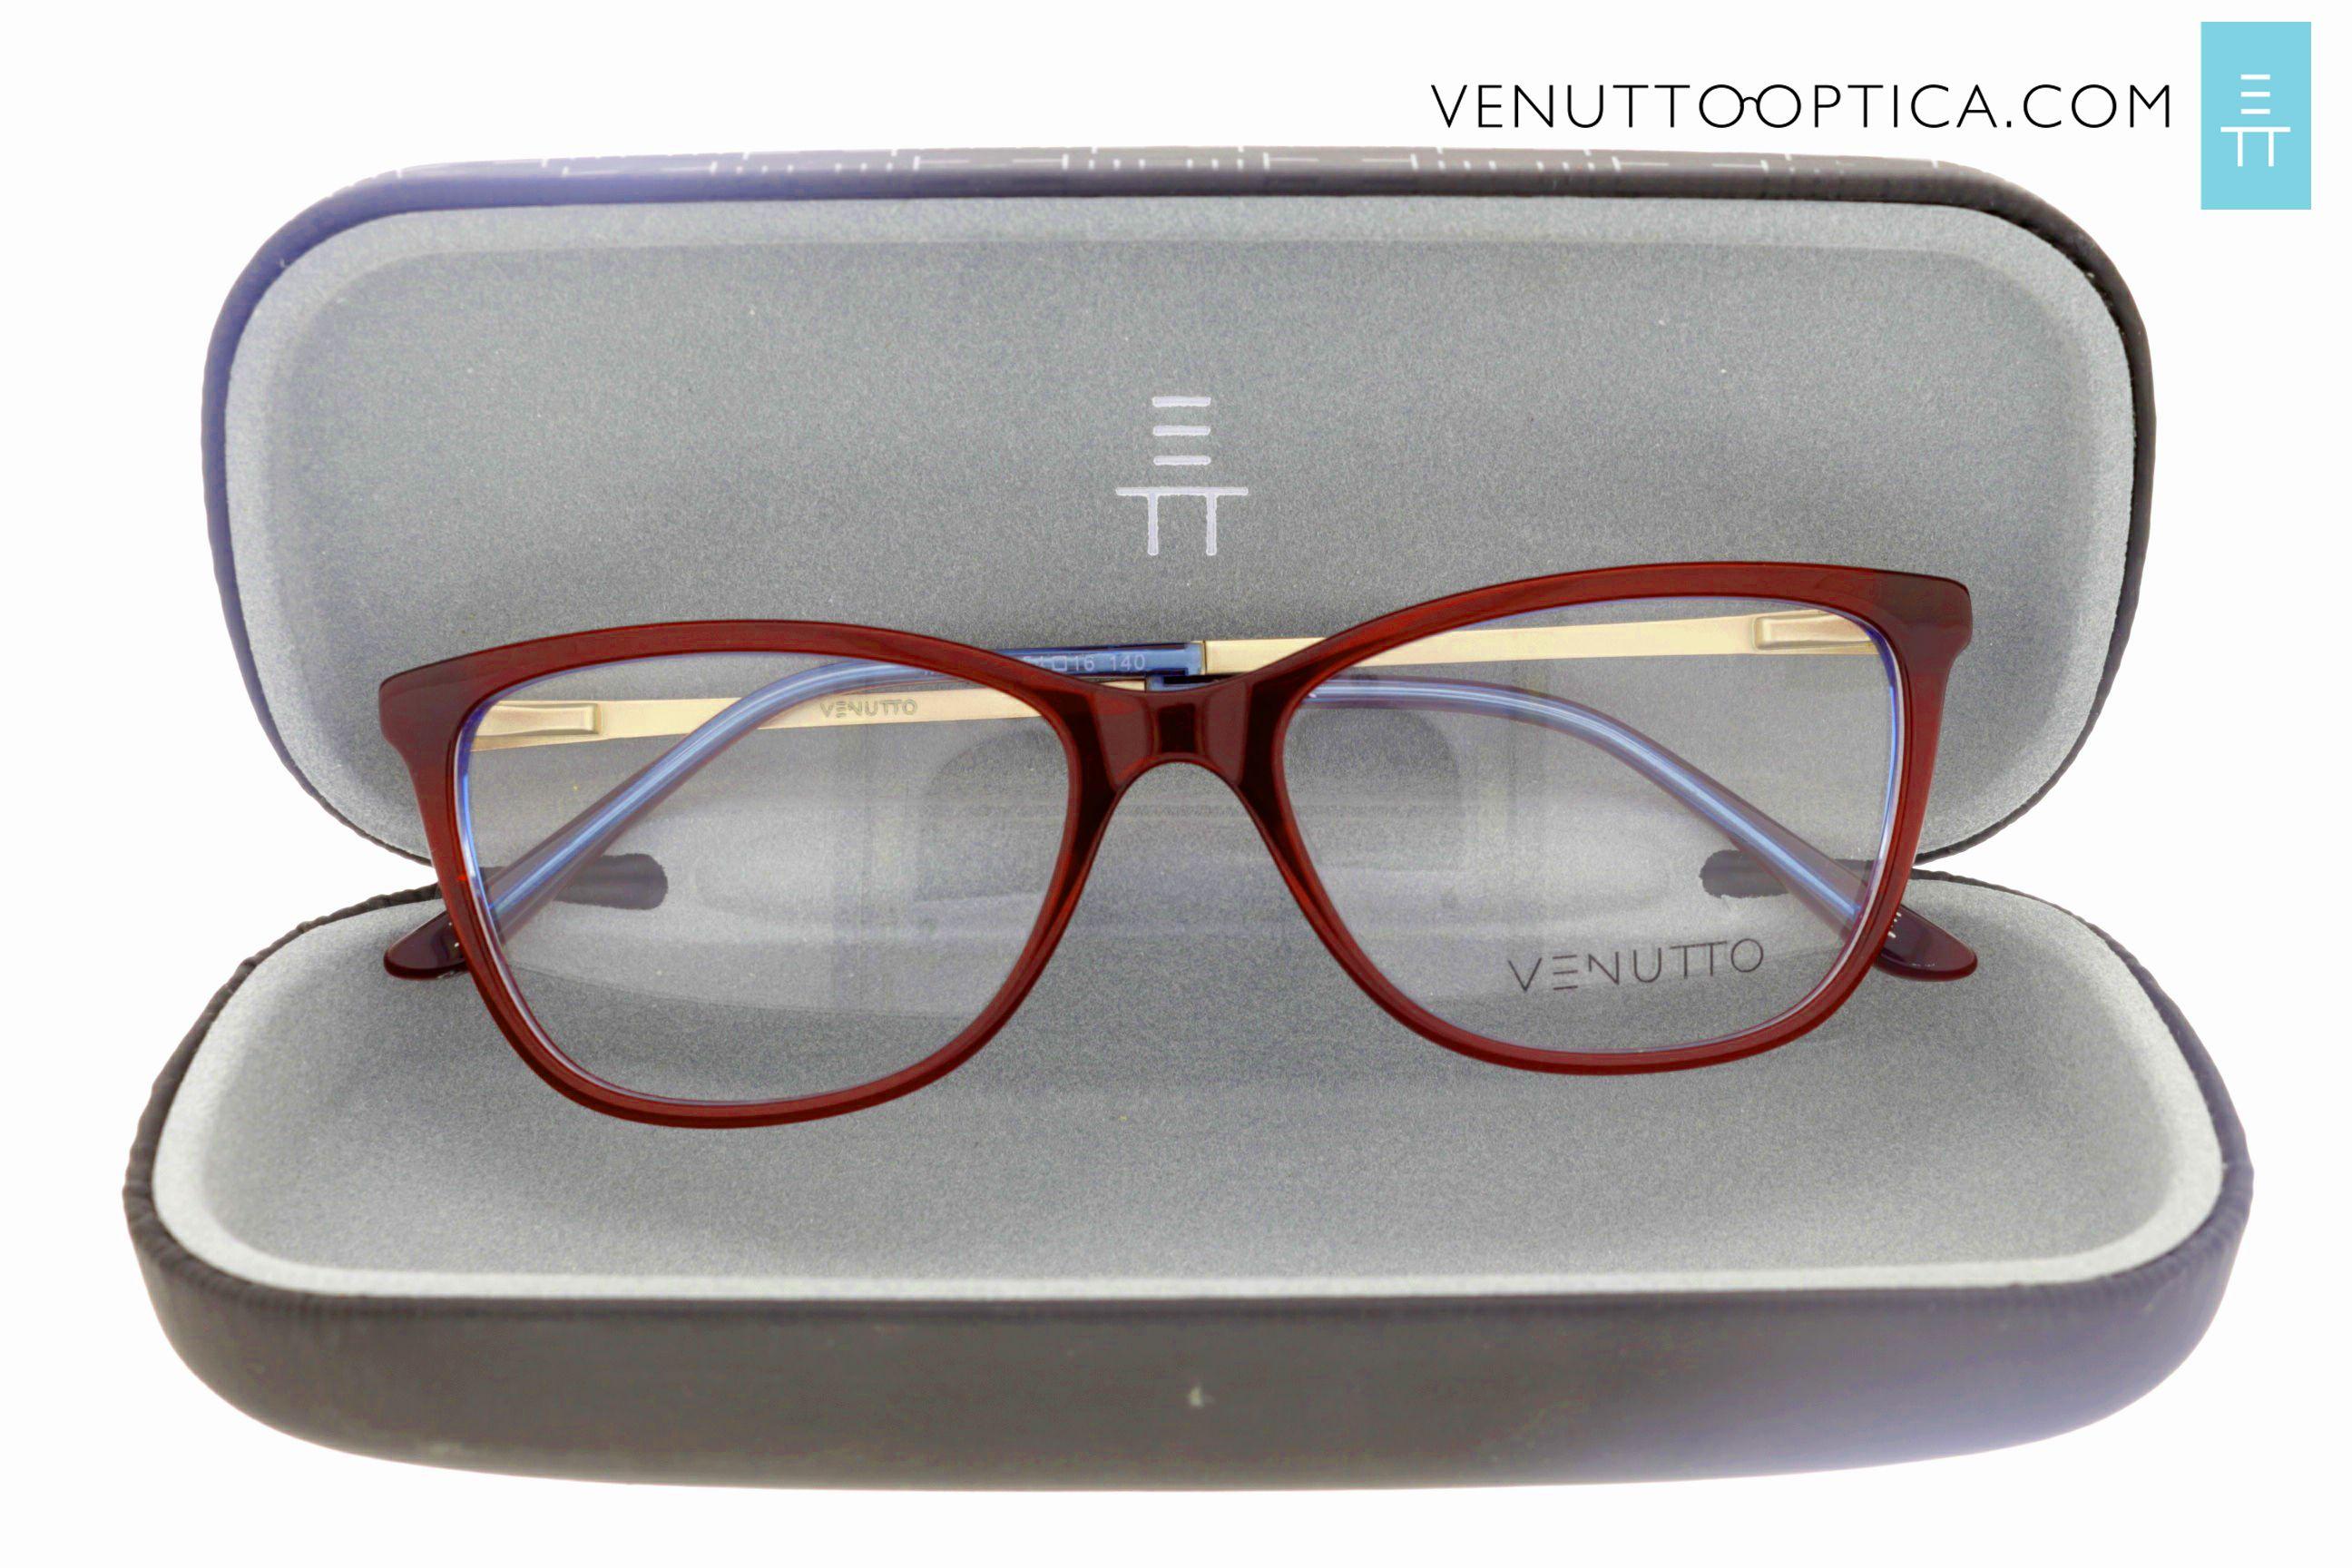 6643158f754b3 Óculos de grau Venutto, vermelho e azul, moda e estilo, gatinho feminino.  Compre agora  )